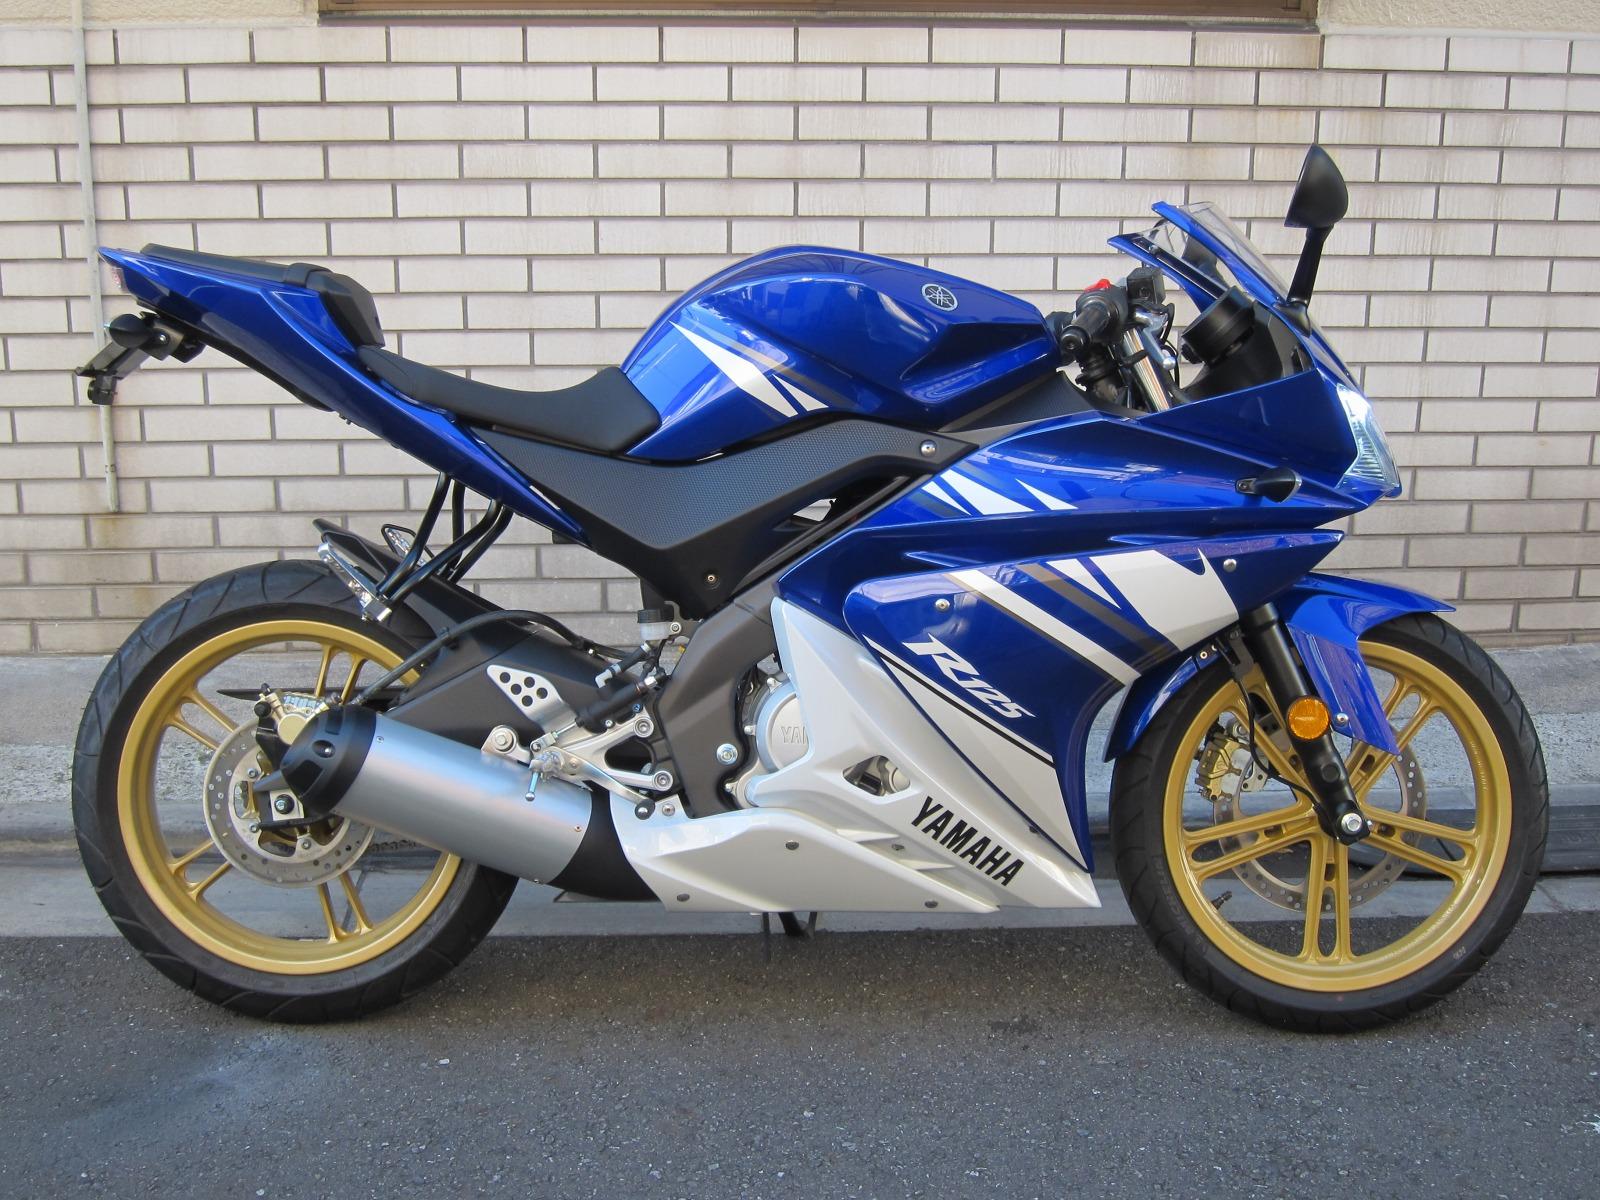 20130109-yamaha-r125-12